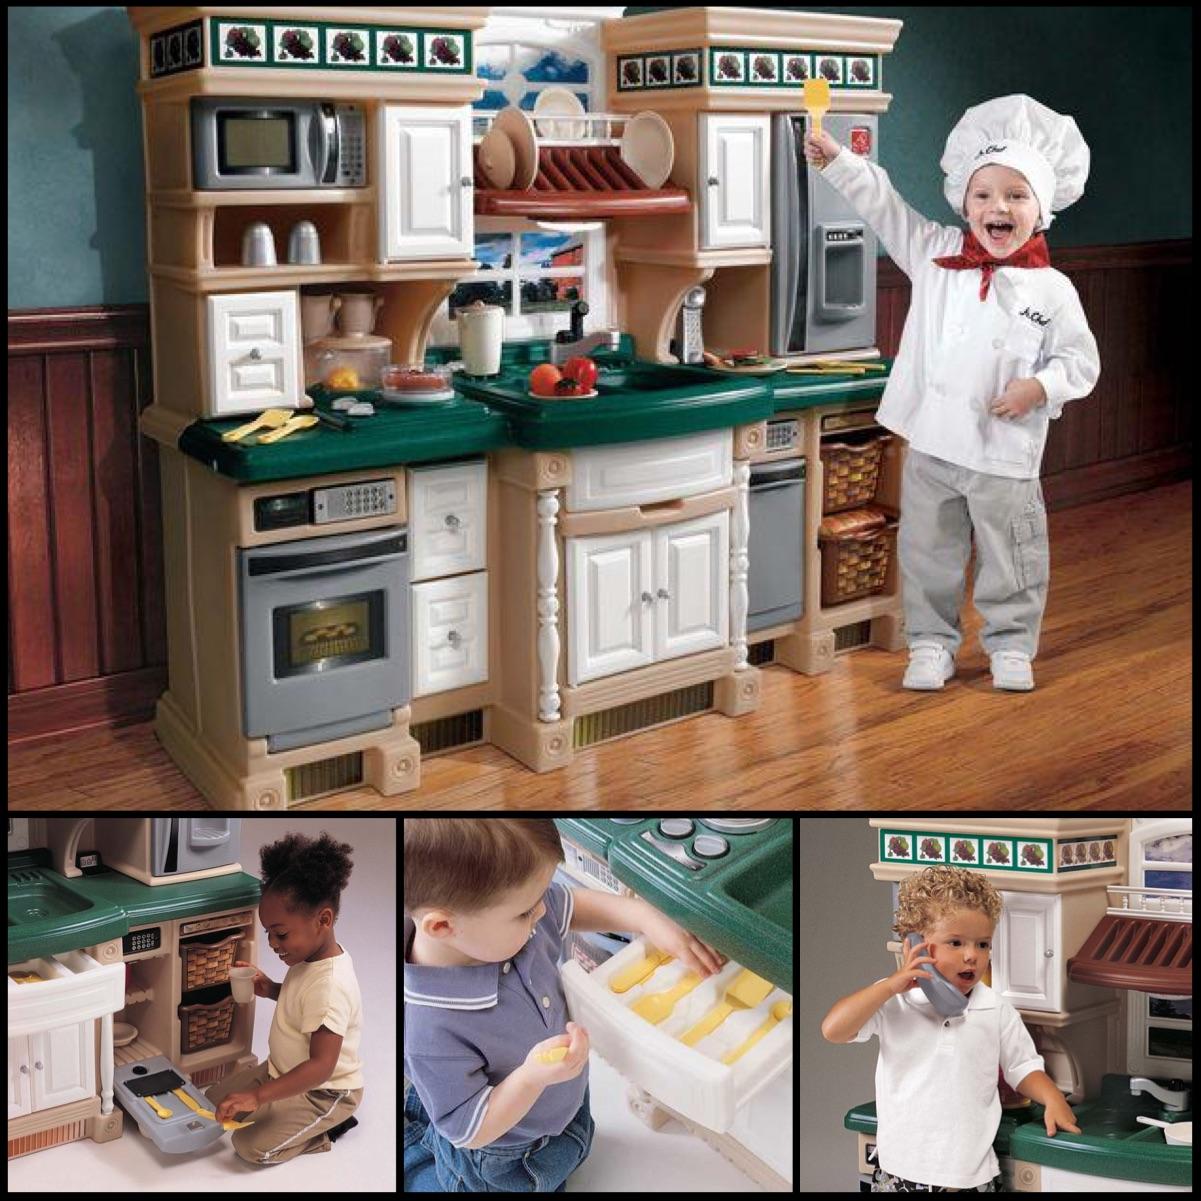 """Být kuchařem je """"in"""". Děti hru s dětskou kuchyňkou milují nejen proto, že napodobují své rodiče, ale i televizní kuchařské hvězdy."""